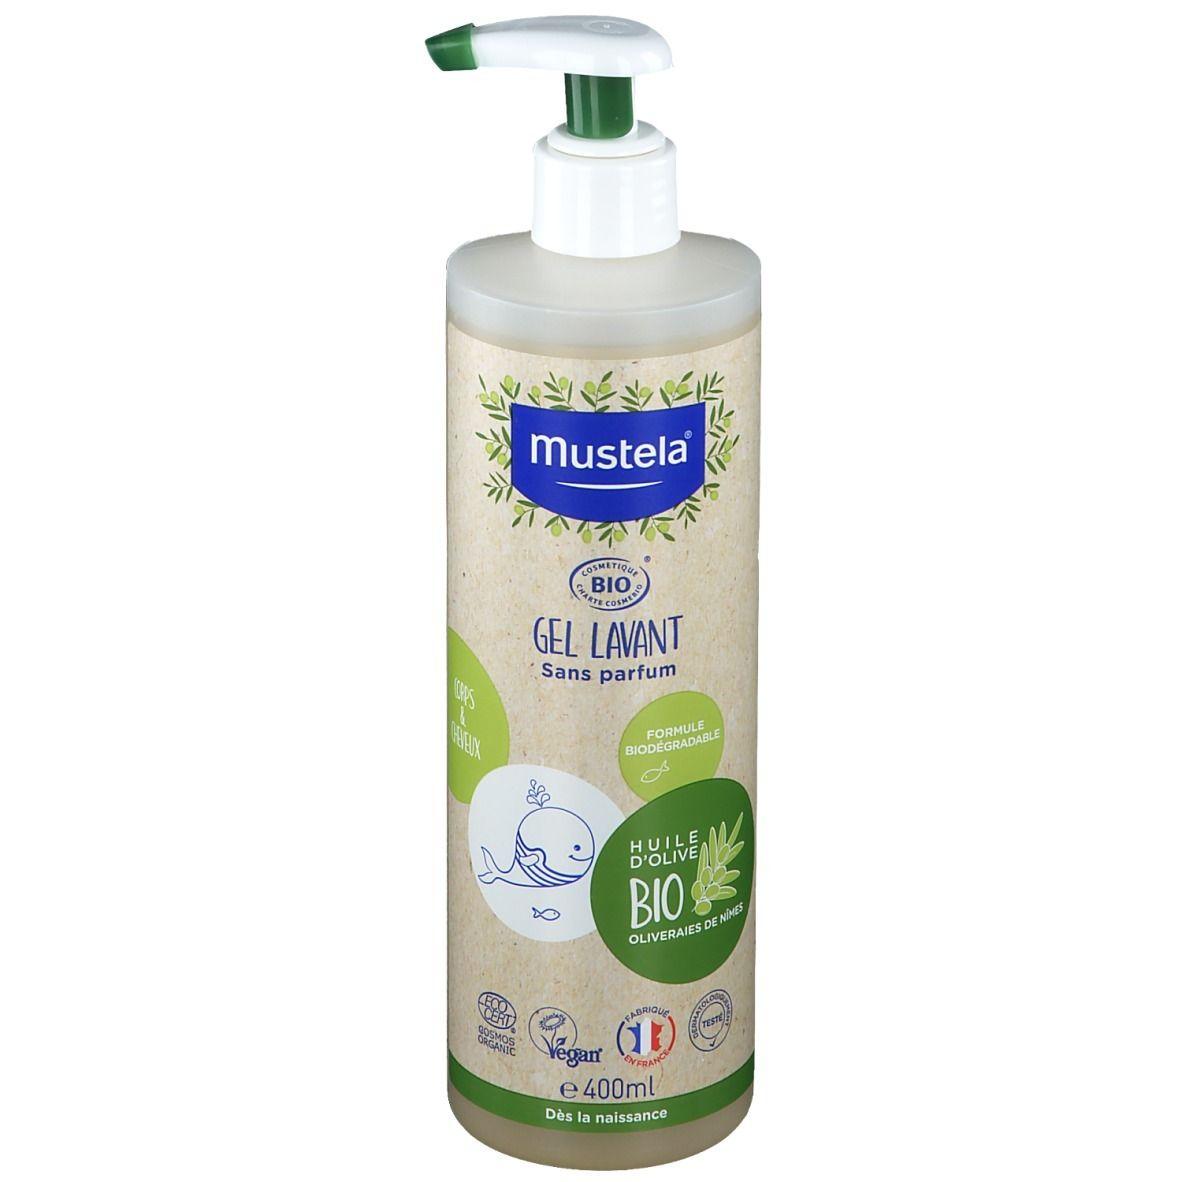 mustela® Gel lavant certifié BIO Corps & cheveux ml